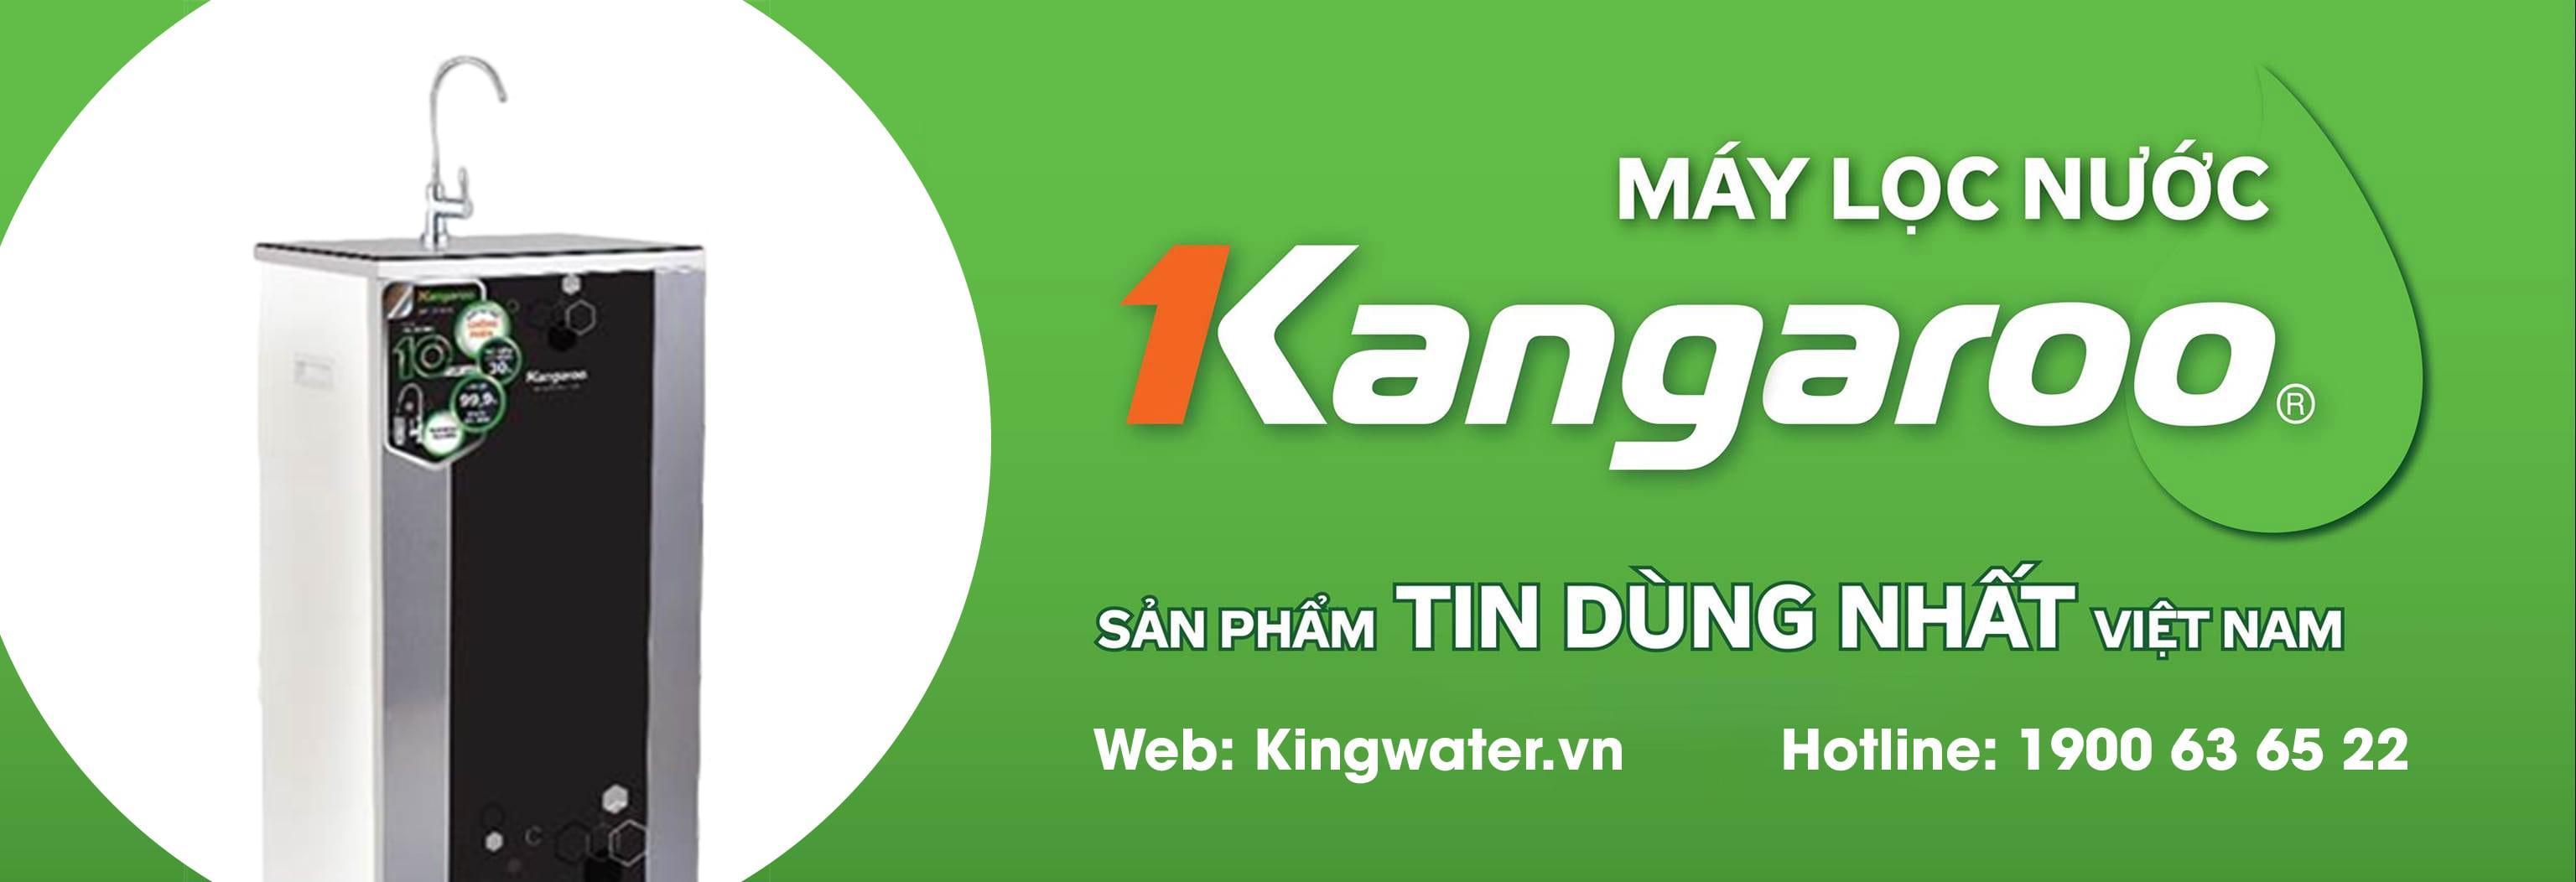 King Water là nơi cung cấp sản phẩm máy lọc nước mặn thành ngọt thương hiệu Kangaroo uy tín